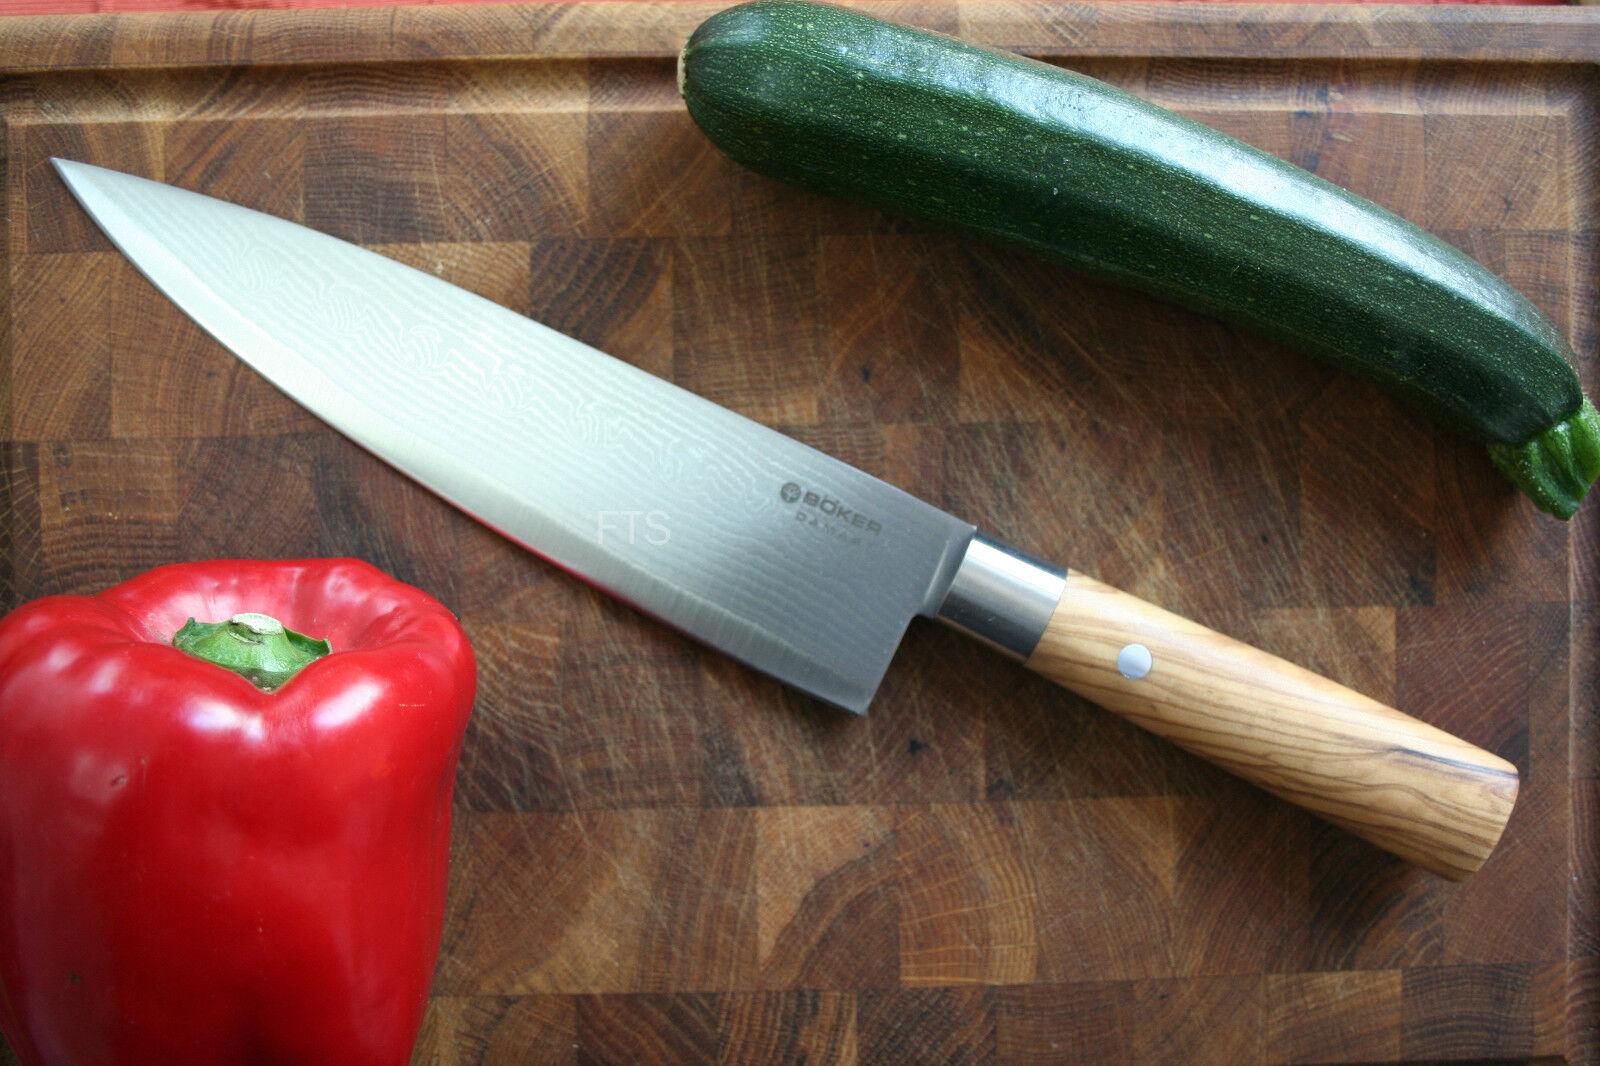 Böker Kochmesser Messer Messer für Köche Damast Olive Olive Olive 130439DAM Sonderpreis 5edab8